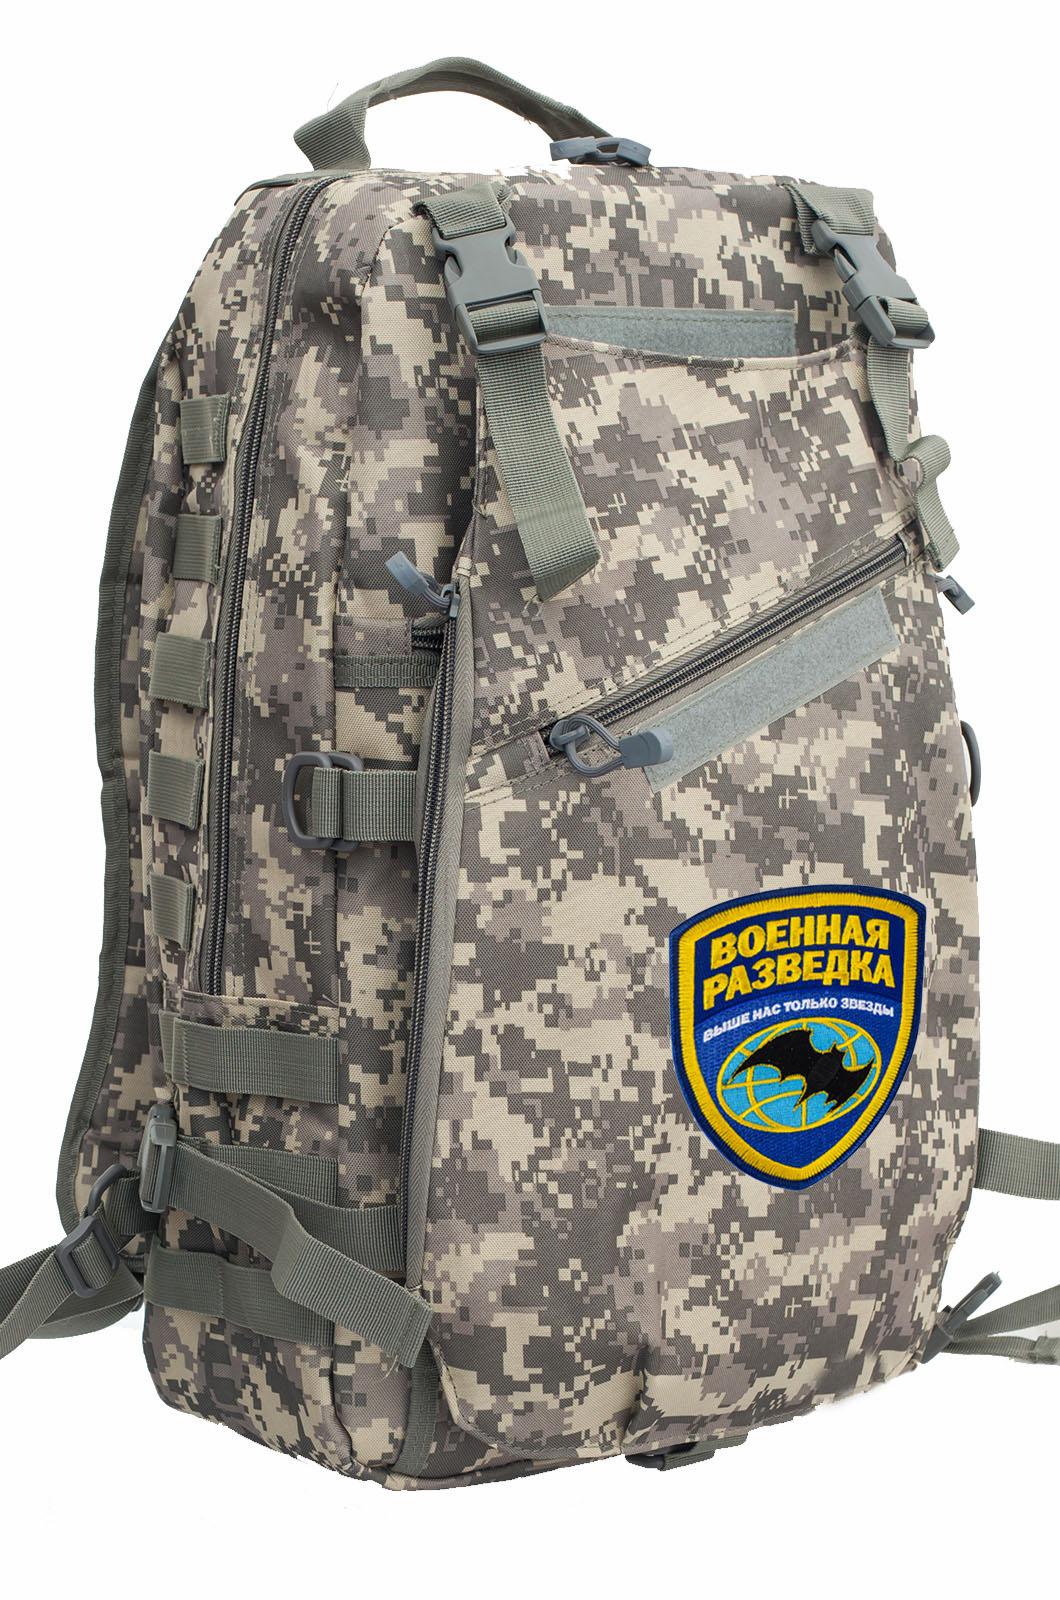 Заказать в интернет магазине рюкзак военного разведчика